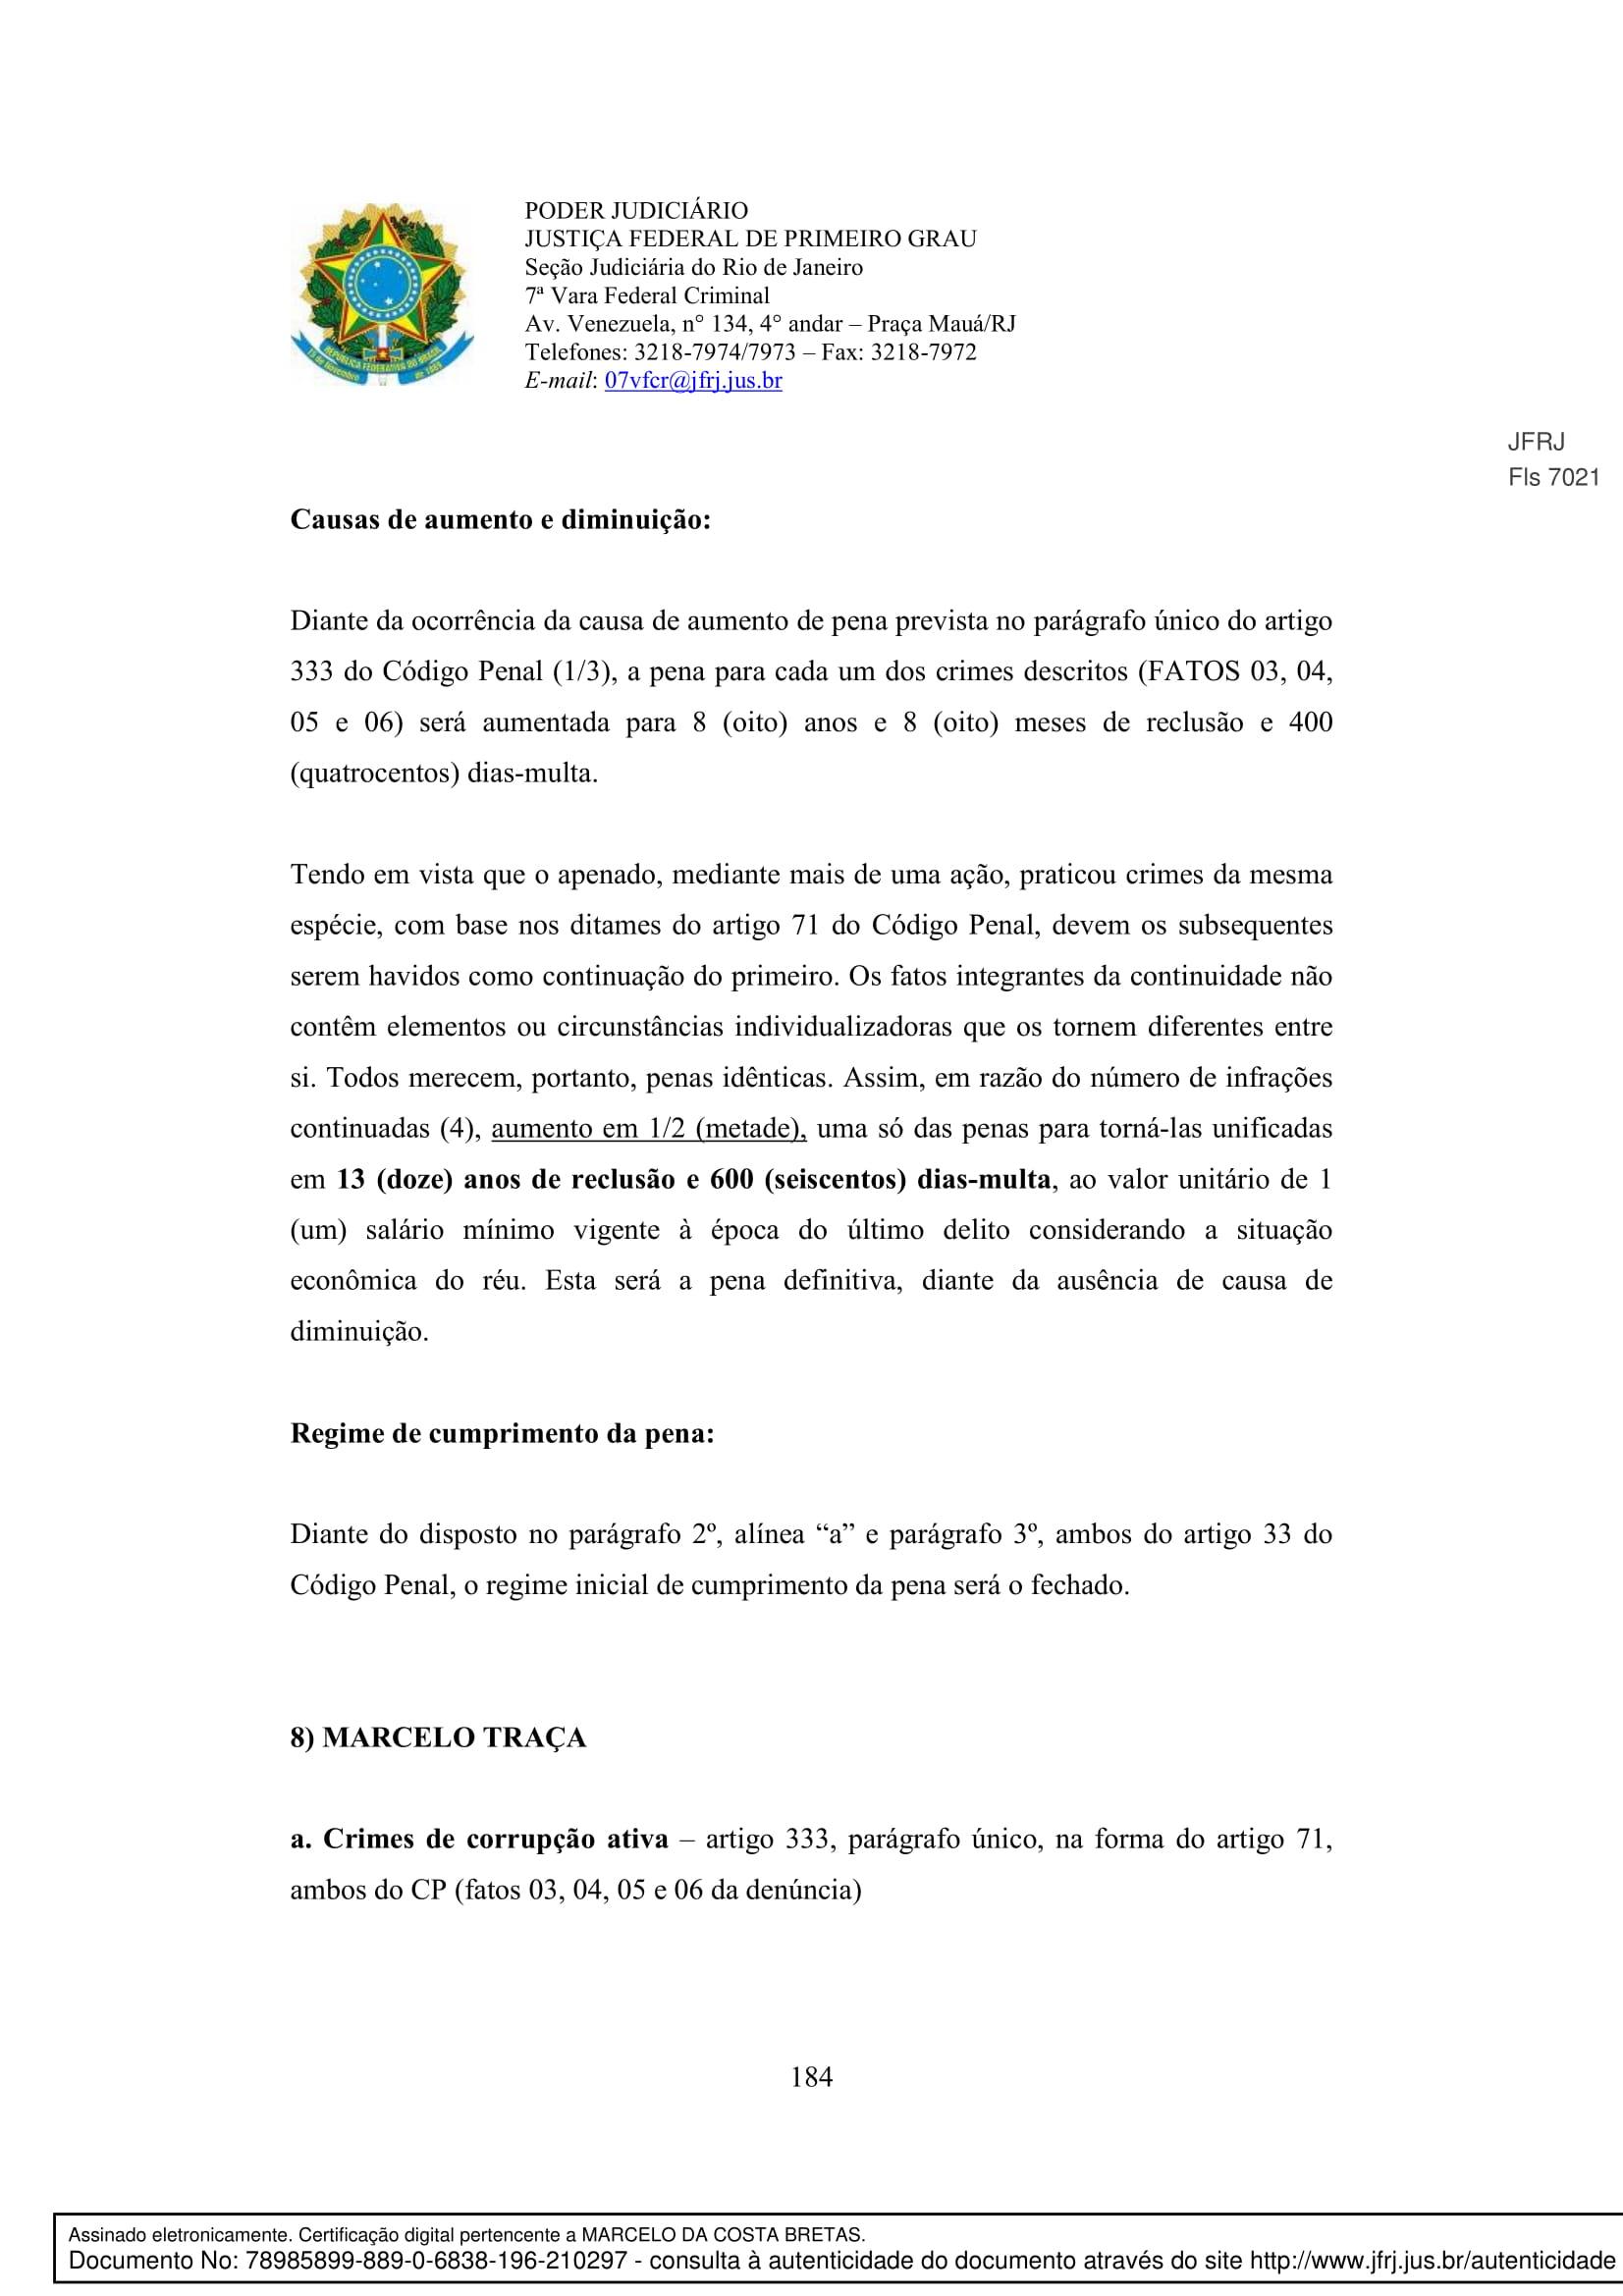 Sentenca-Cadeia-Velha-7VFC-184